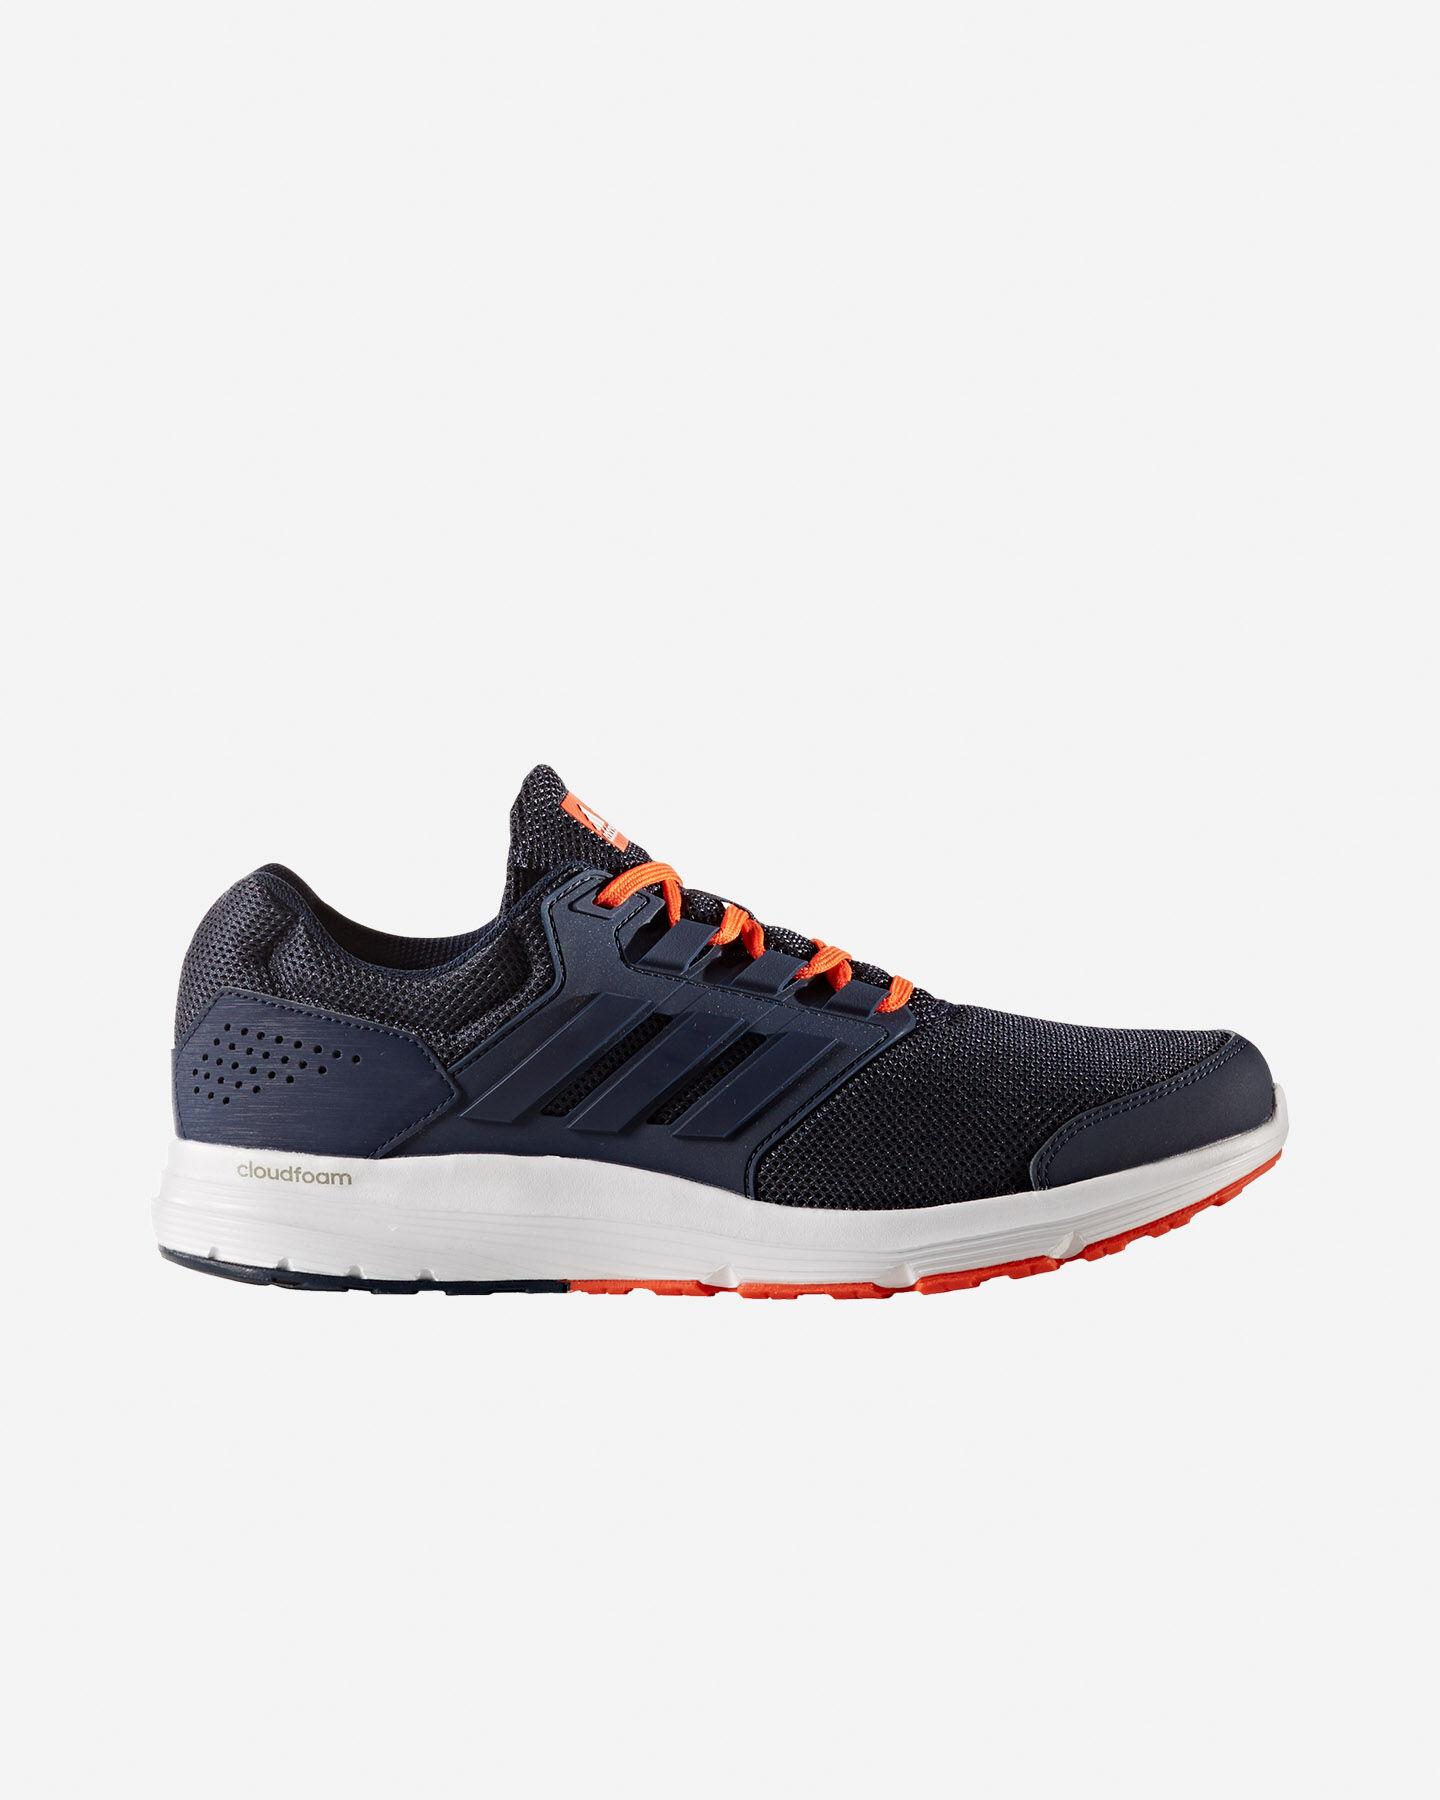 Venta Barata Excelente Adidas Galaxy 4 M - scarpe running neutre - uomo El Envío Libre 100% Originales Tienda De Espacio Libre Envío Libre Aclaramiento Exclusiva yNURs7K4K